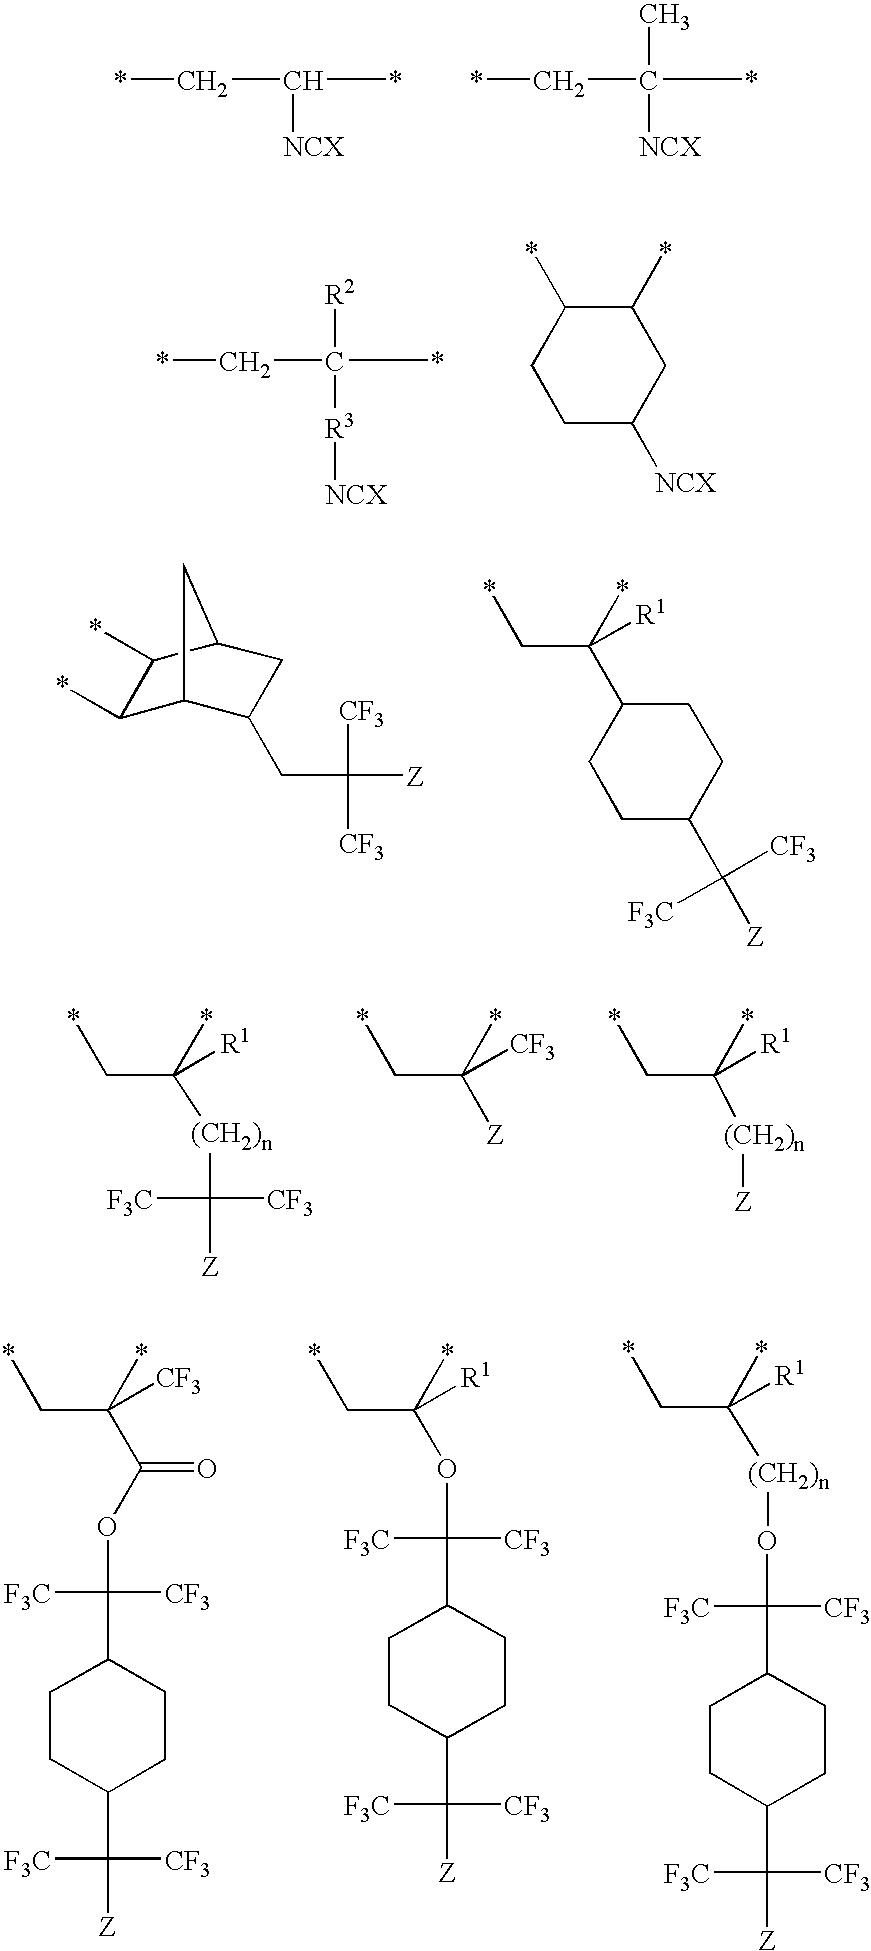 Figure US07045273-20060516-C00006